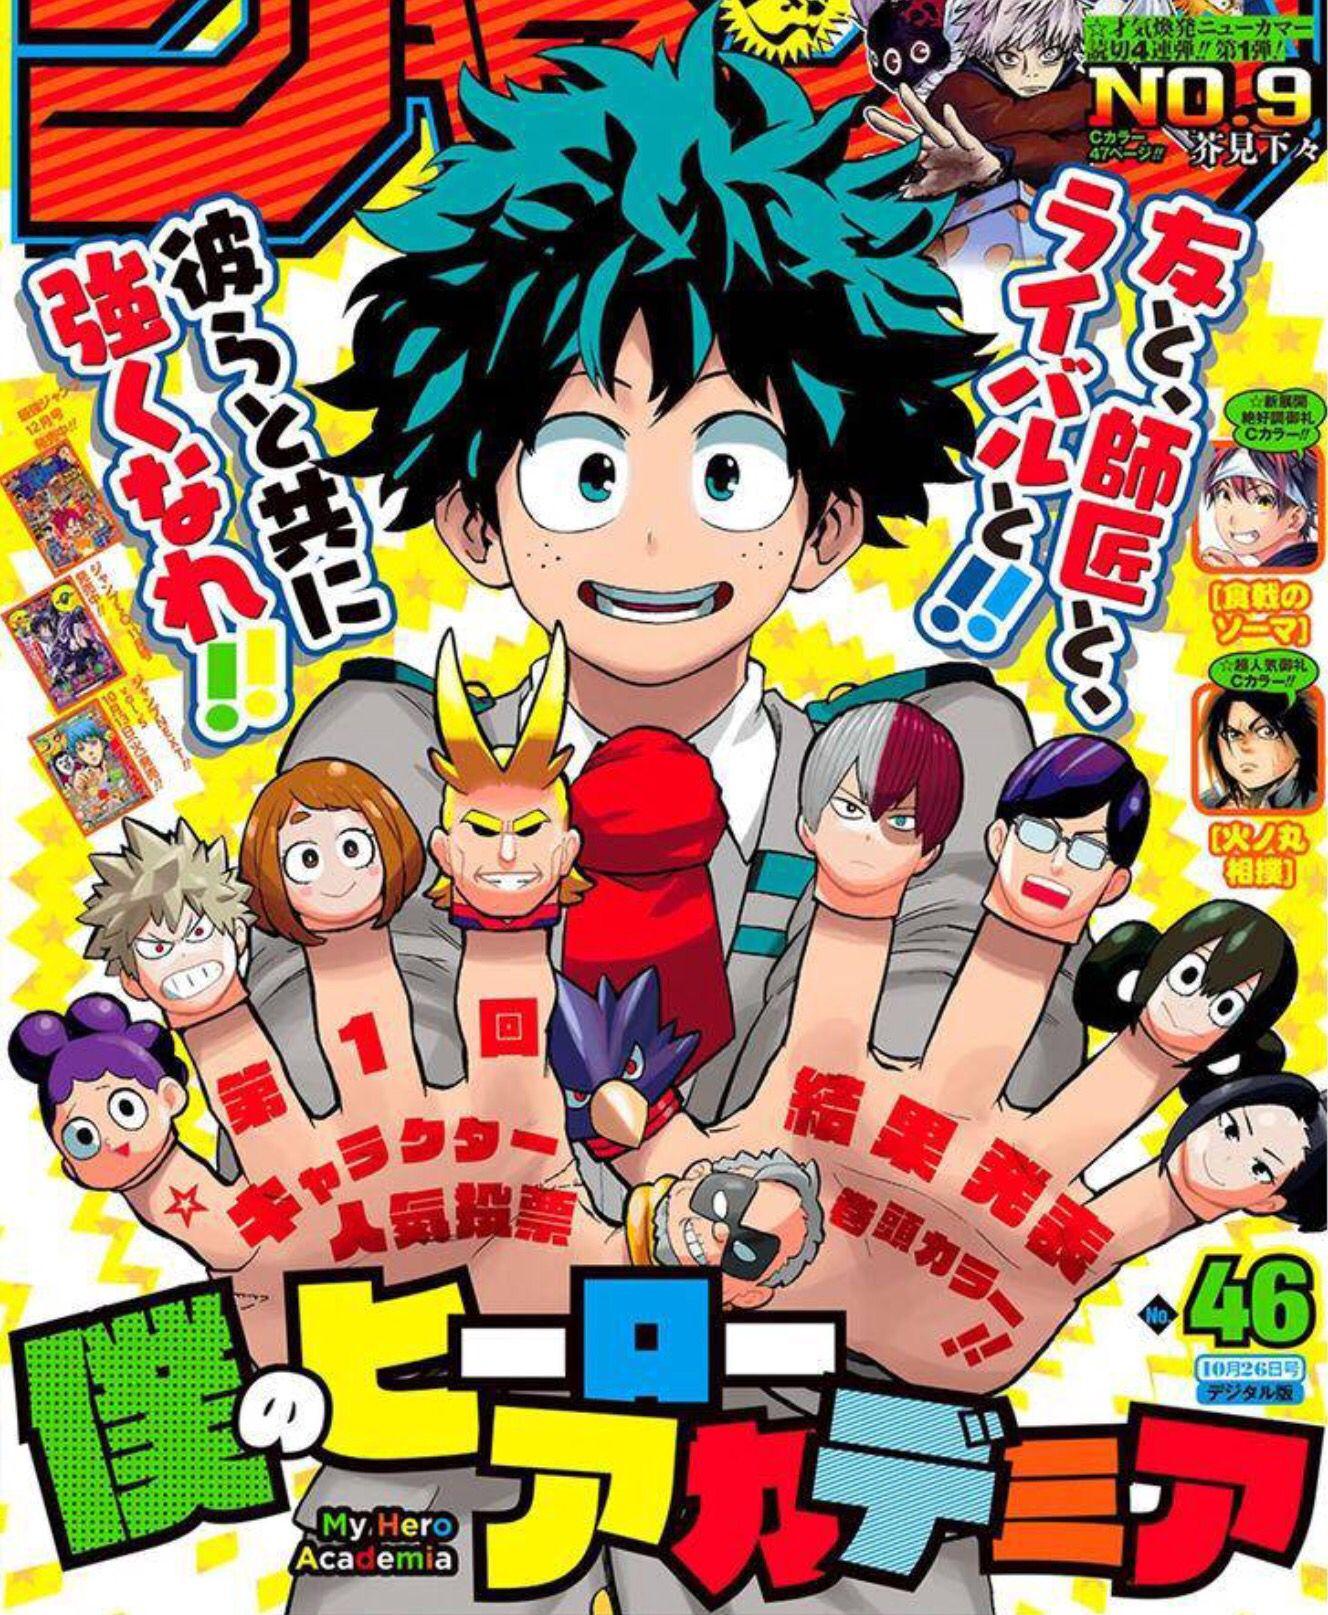 Boku no hero academia manga covers hero poster anime